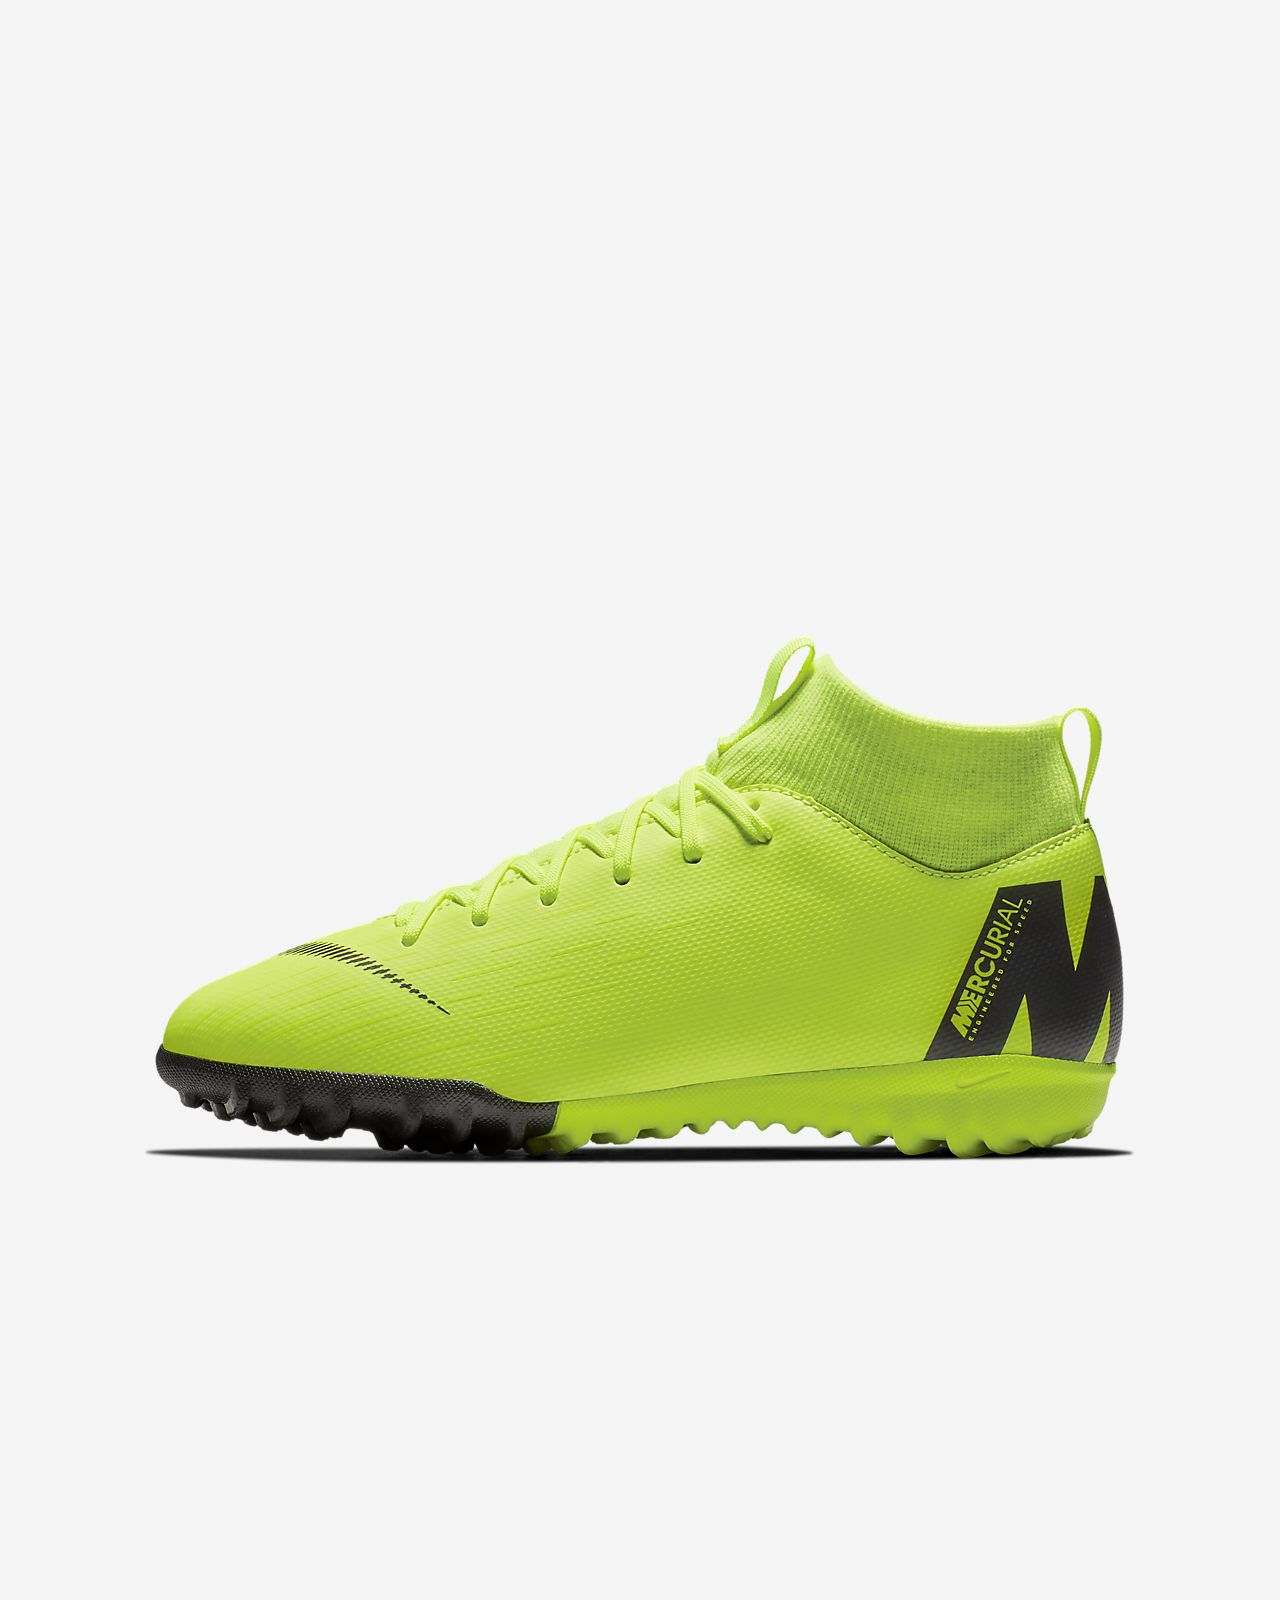 Футбольные бутсы для игры на искусственном газоне для дошкольников/школьников Nike Jr. SuperflyX 6 Academy TF